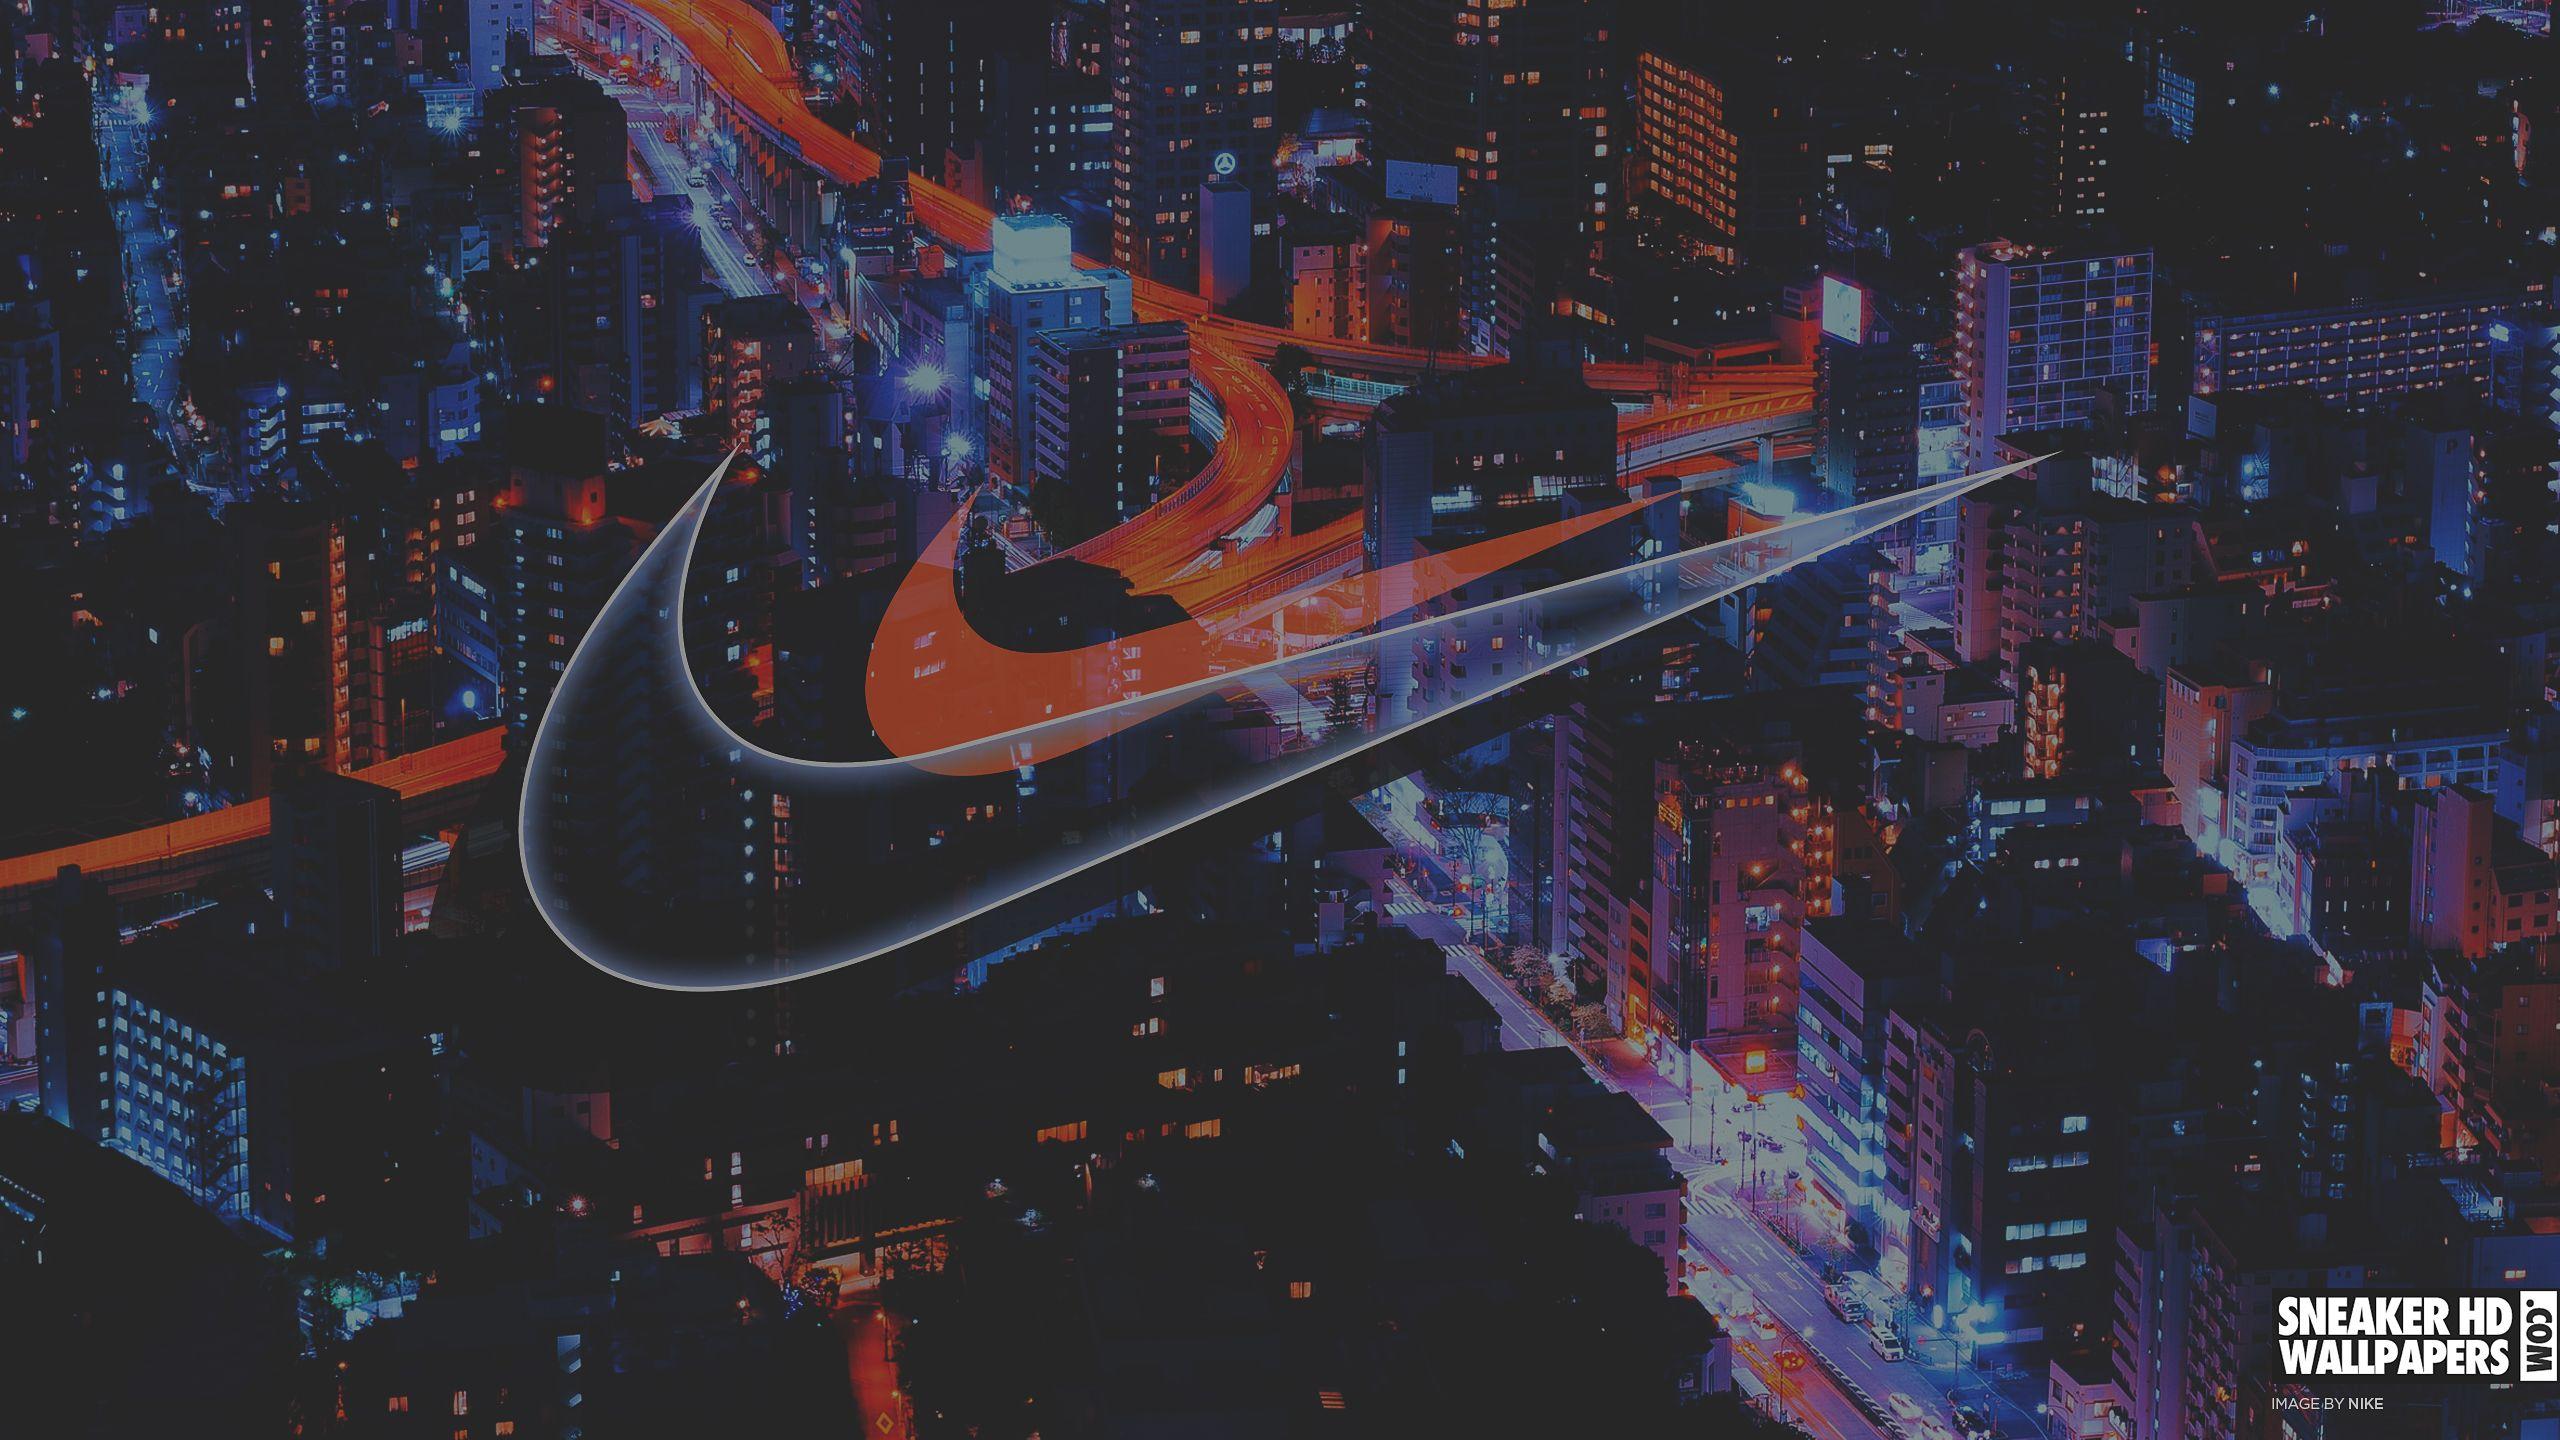 Wallpaper Blink Nike Wallpaper HD 15 2560 X 1440 for